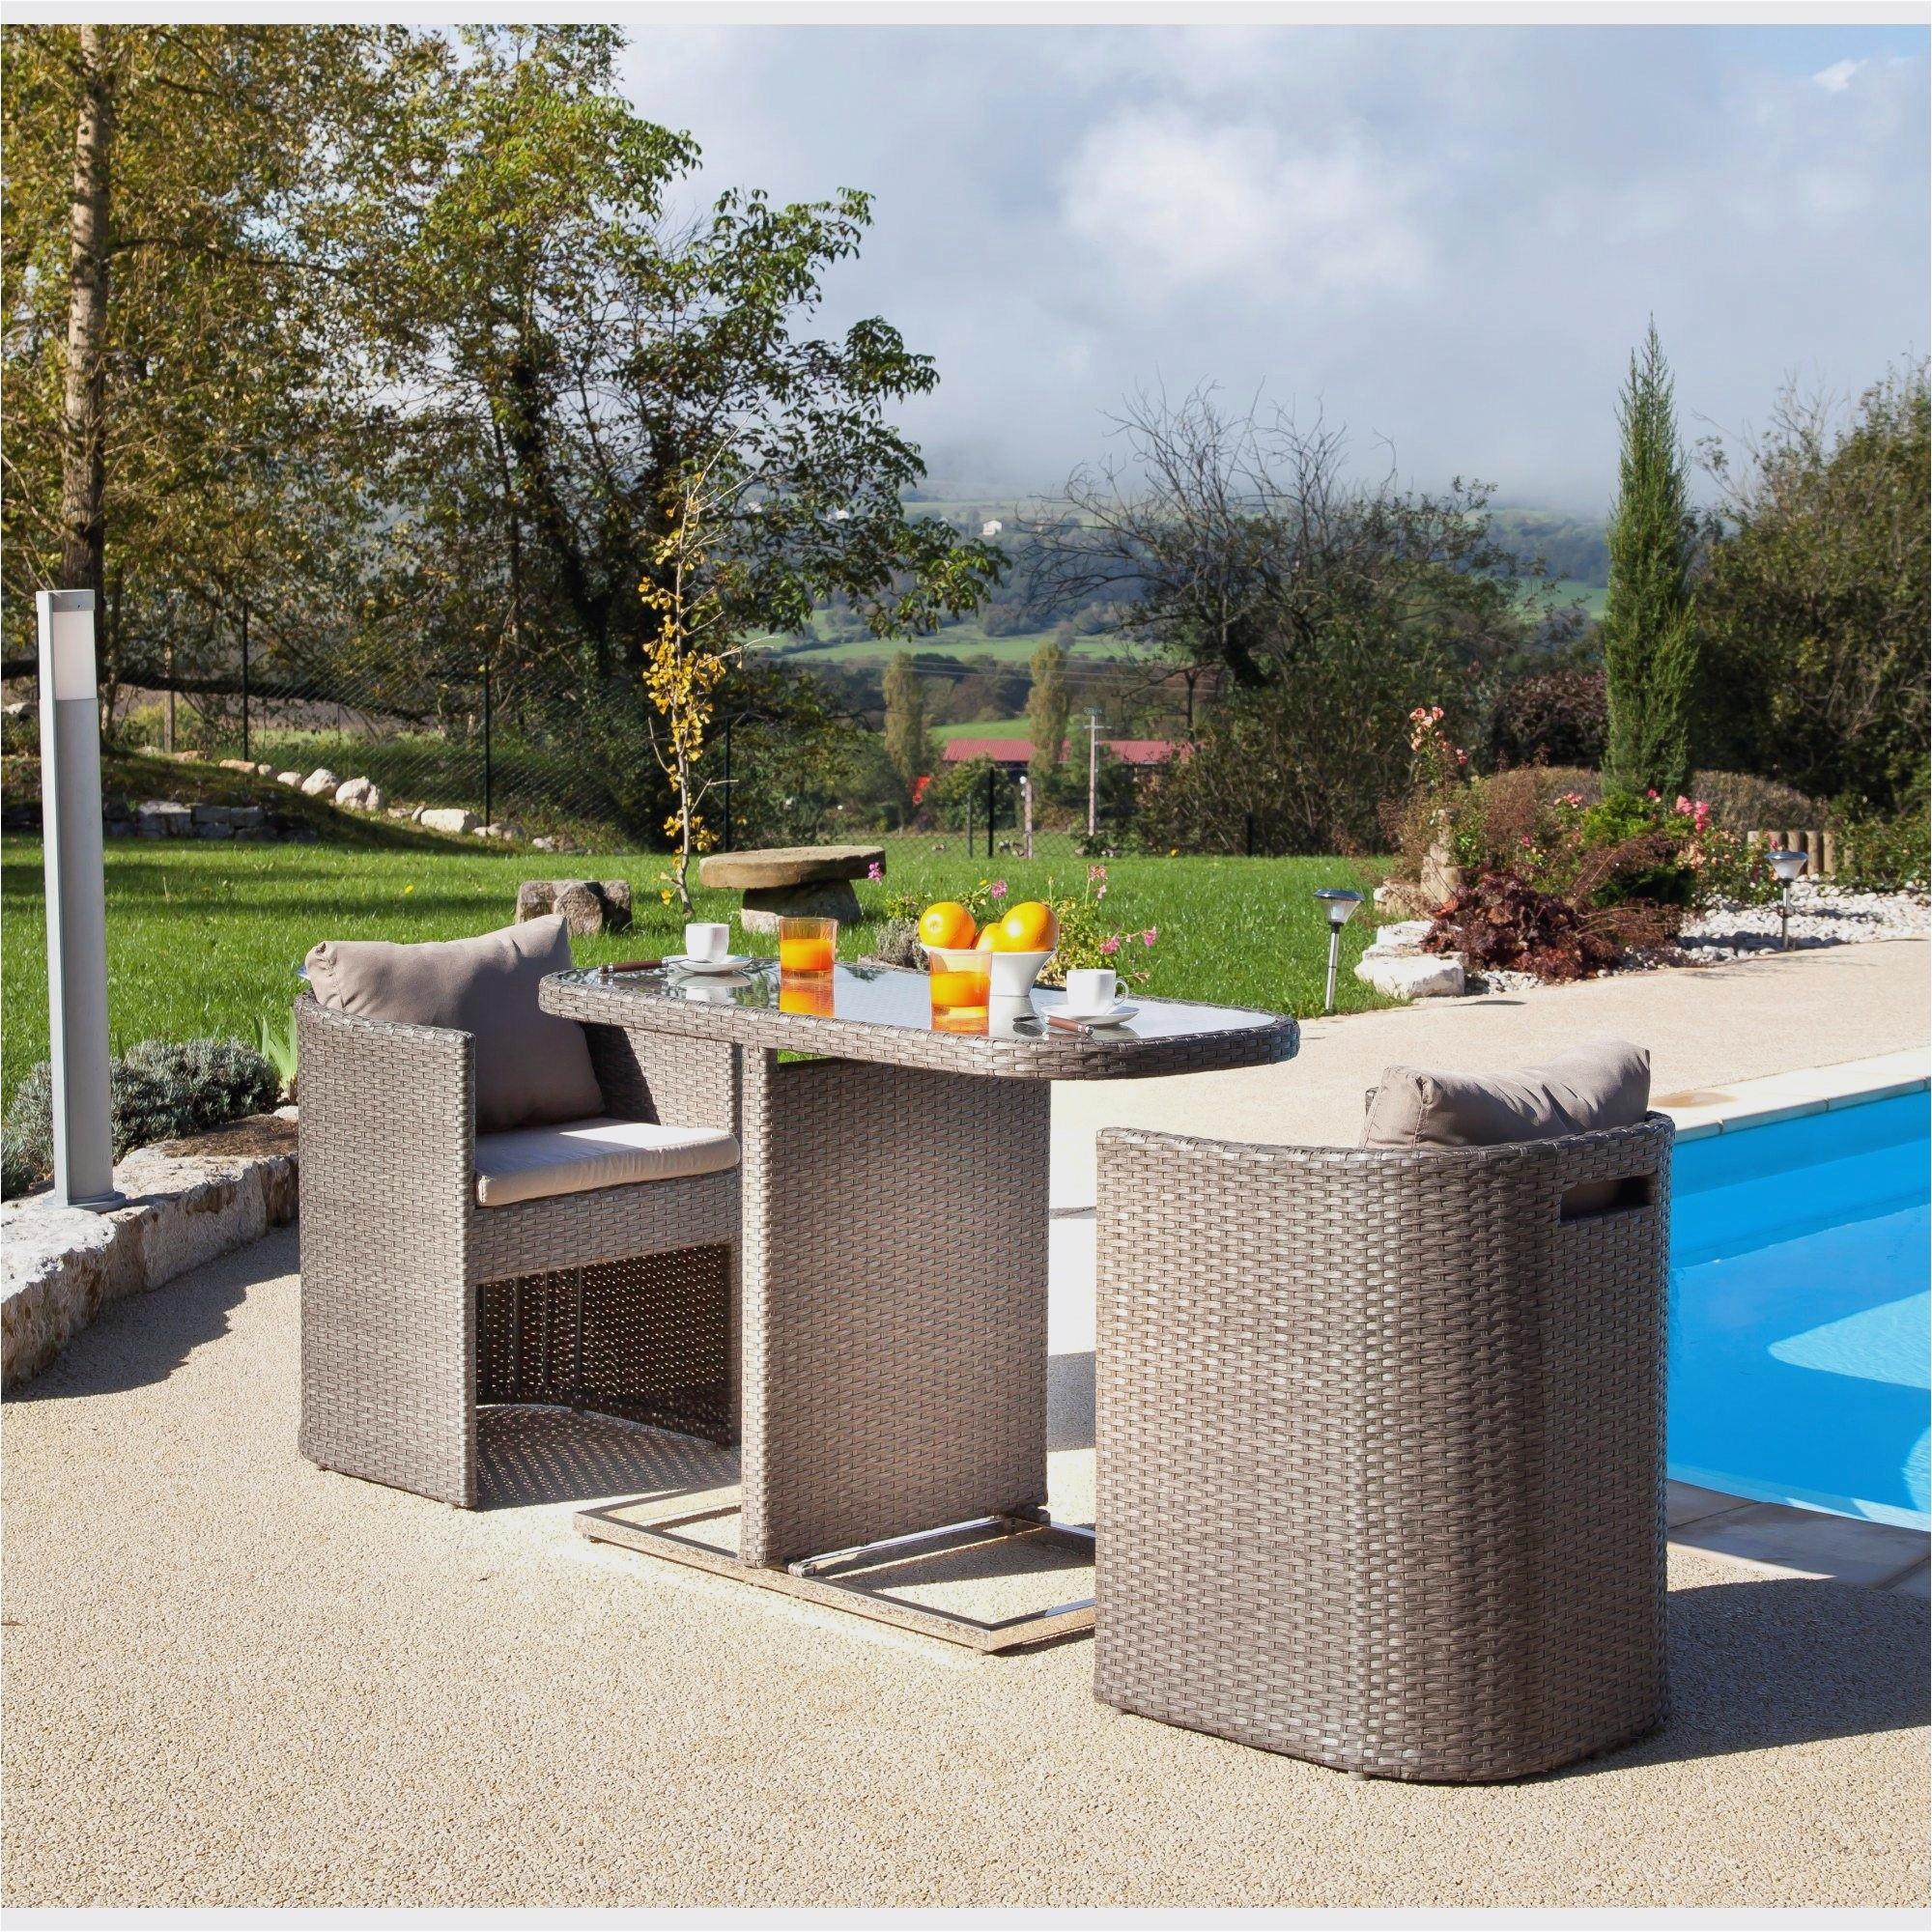 Salon De Jardin Pas Cher Auchan Luxe Photographie Table De Jardin Avec Rallonge Table Jardin Chaises Protege Chaise 0d